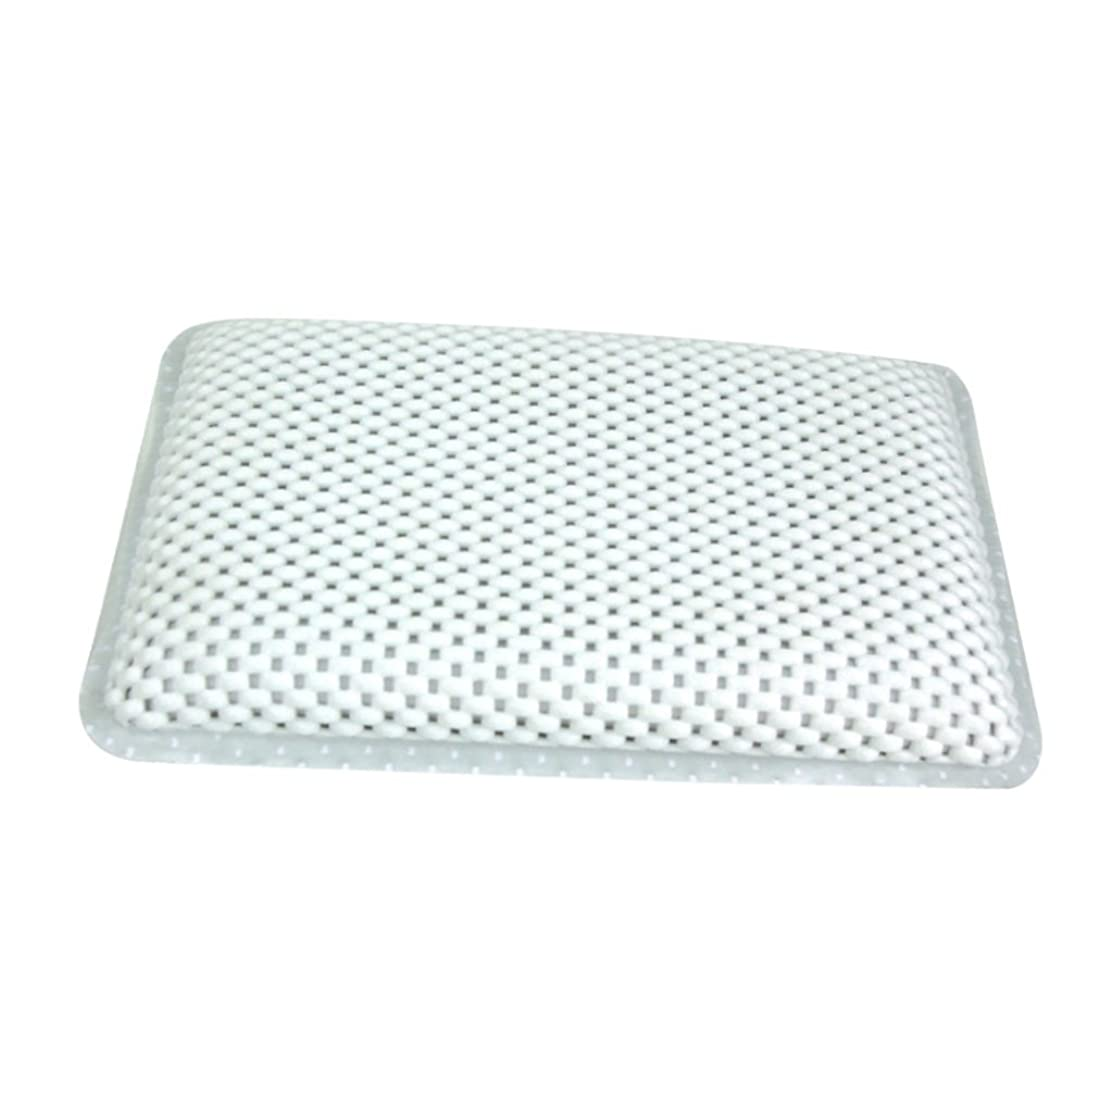 ゆるく未就学としてΛV 高品質 ソフト 浴槽枕 ノンスリップ クッション付き バスタブ スパバスピロー 吸盤付き ヘッドレスト